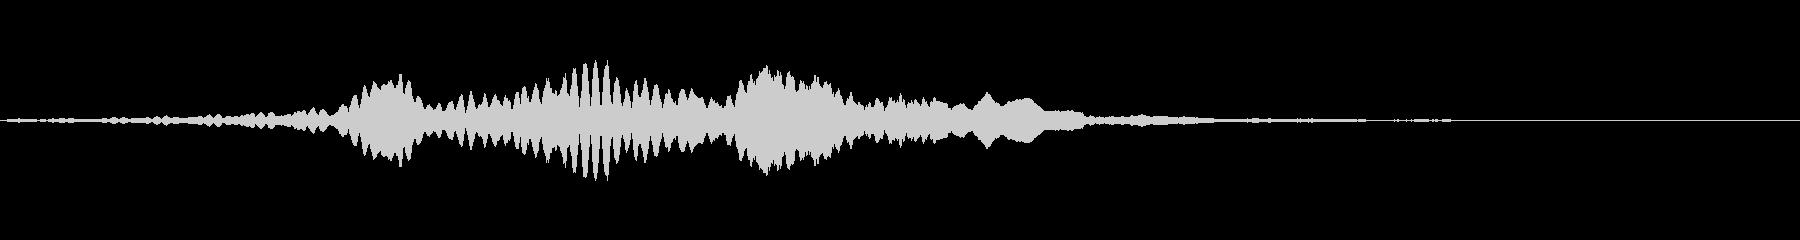 交通2の未再生の波形